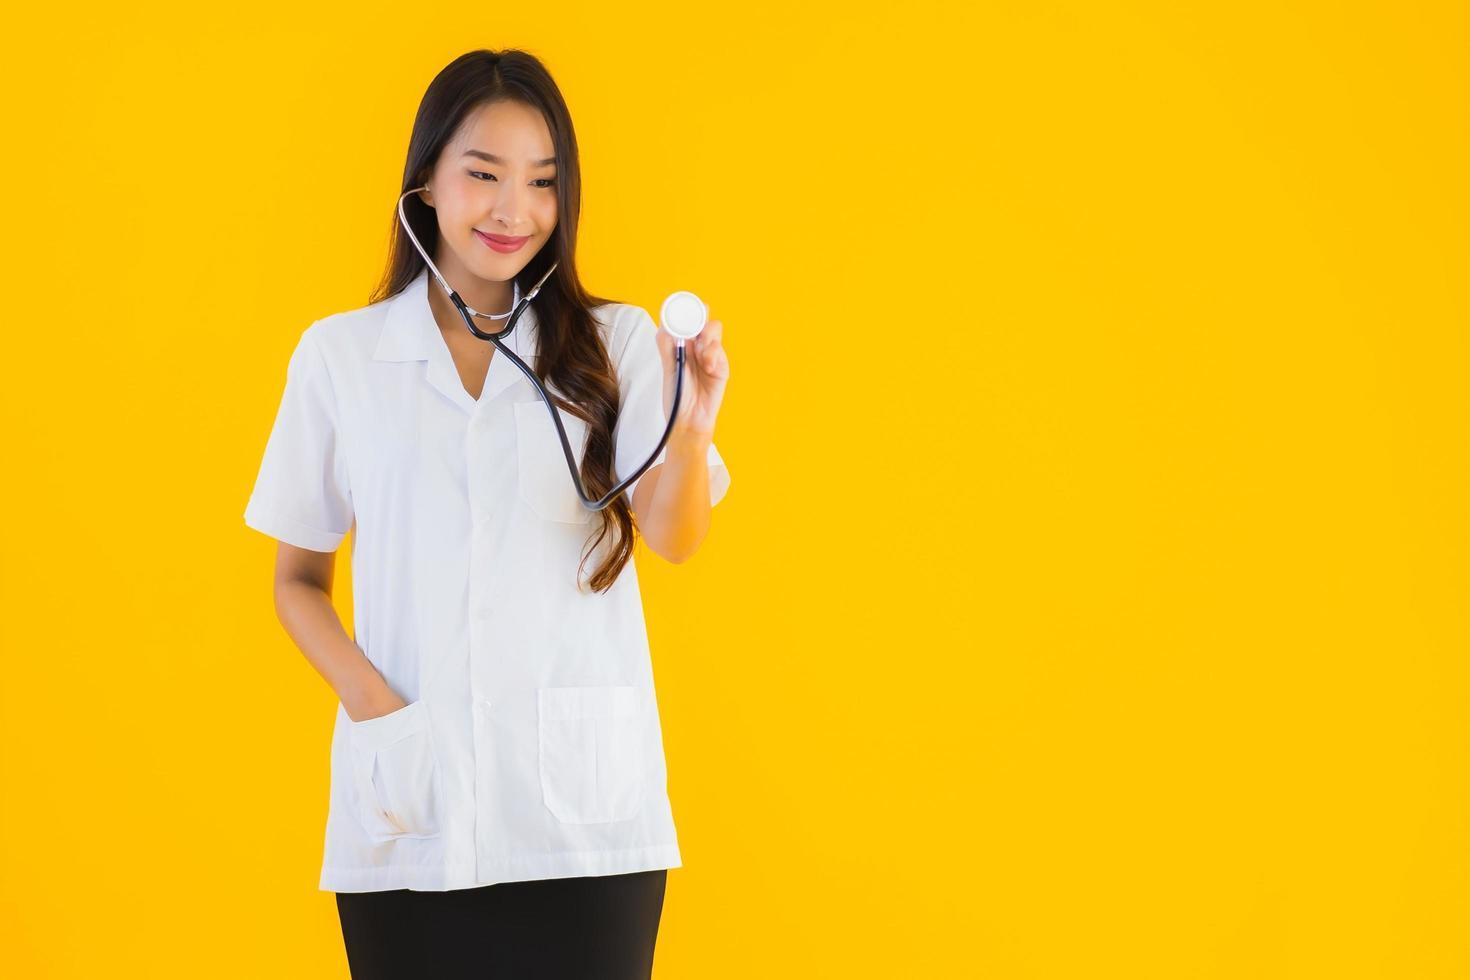 portret van vrouwelijke arts met een stethoscoop foto